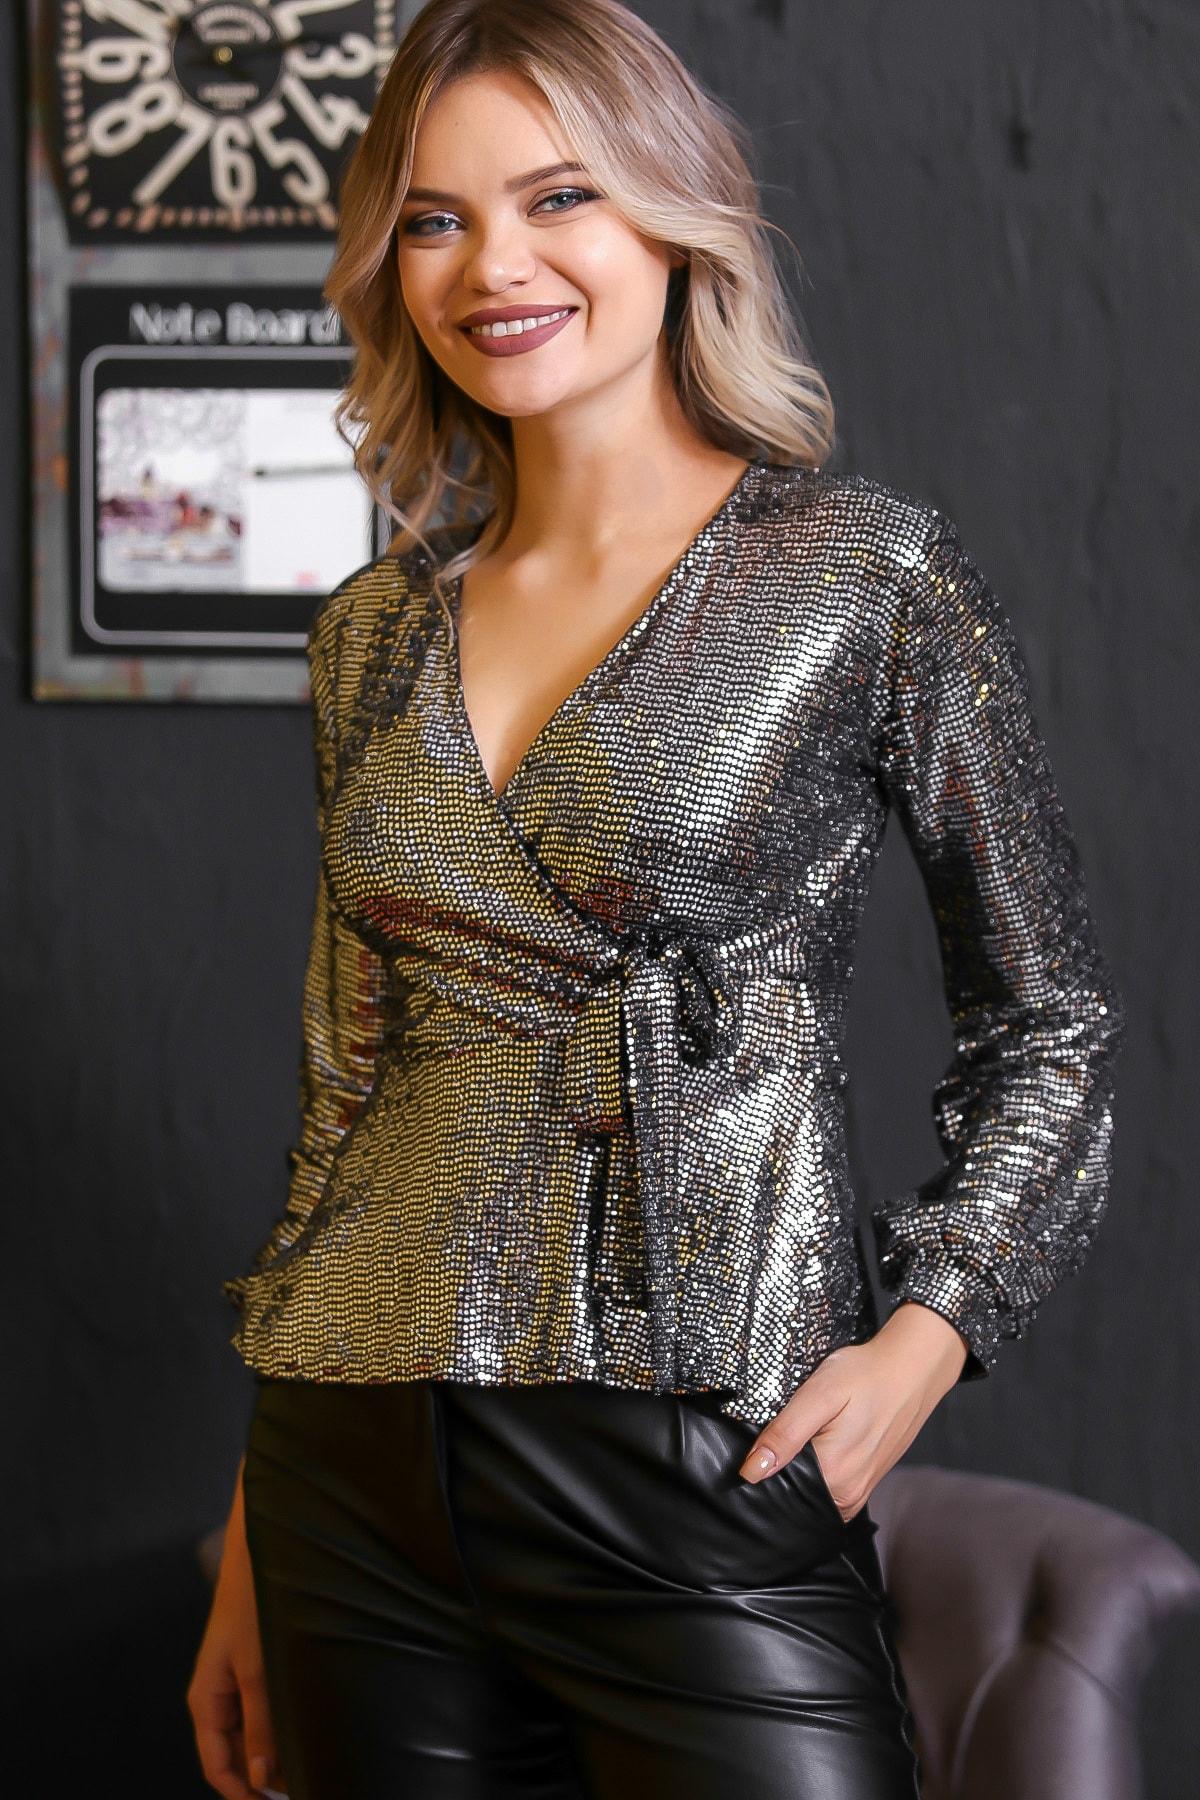 Chiccy Kadın Gümüş Bağlama Detaylı Işıltılı Bluz M10010200BL95672 0